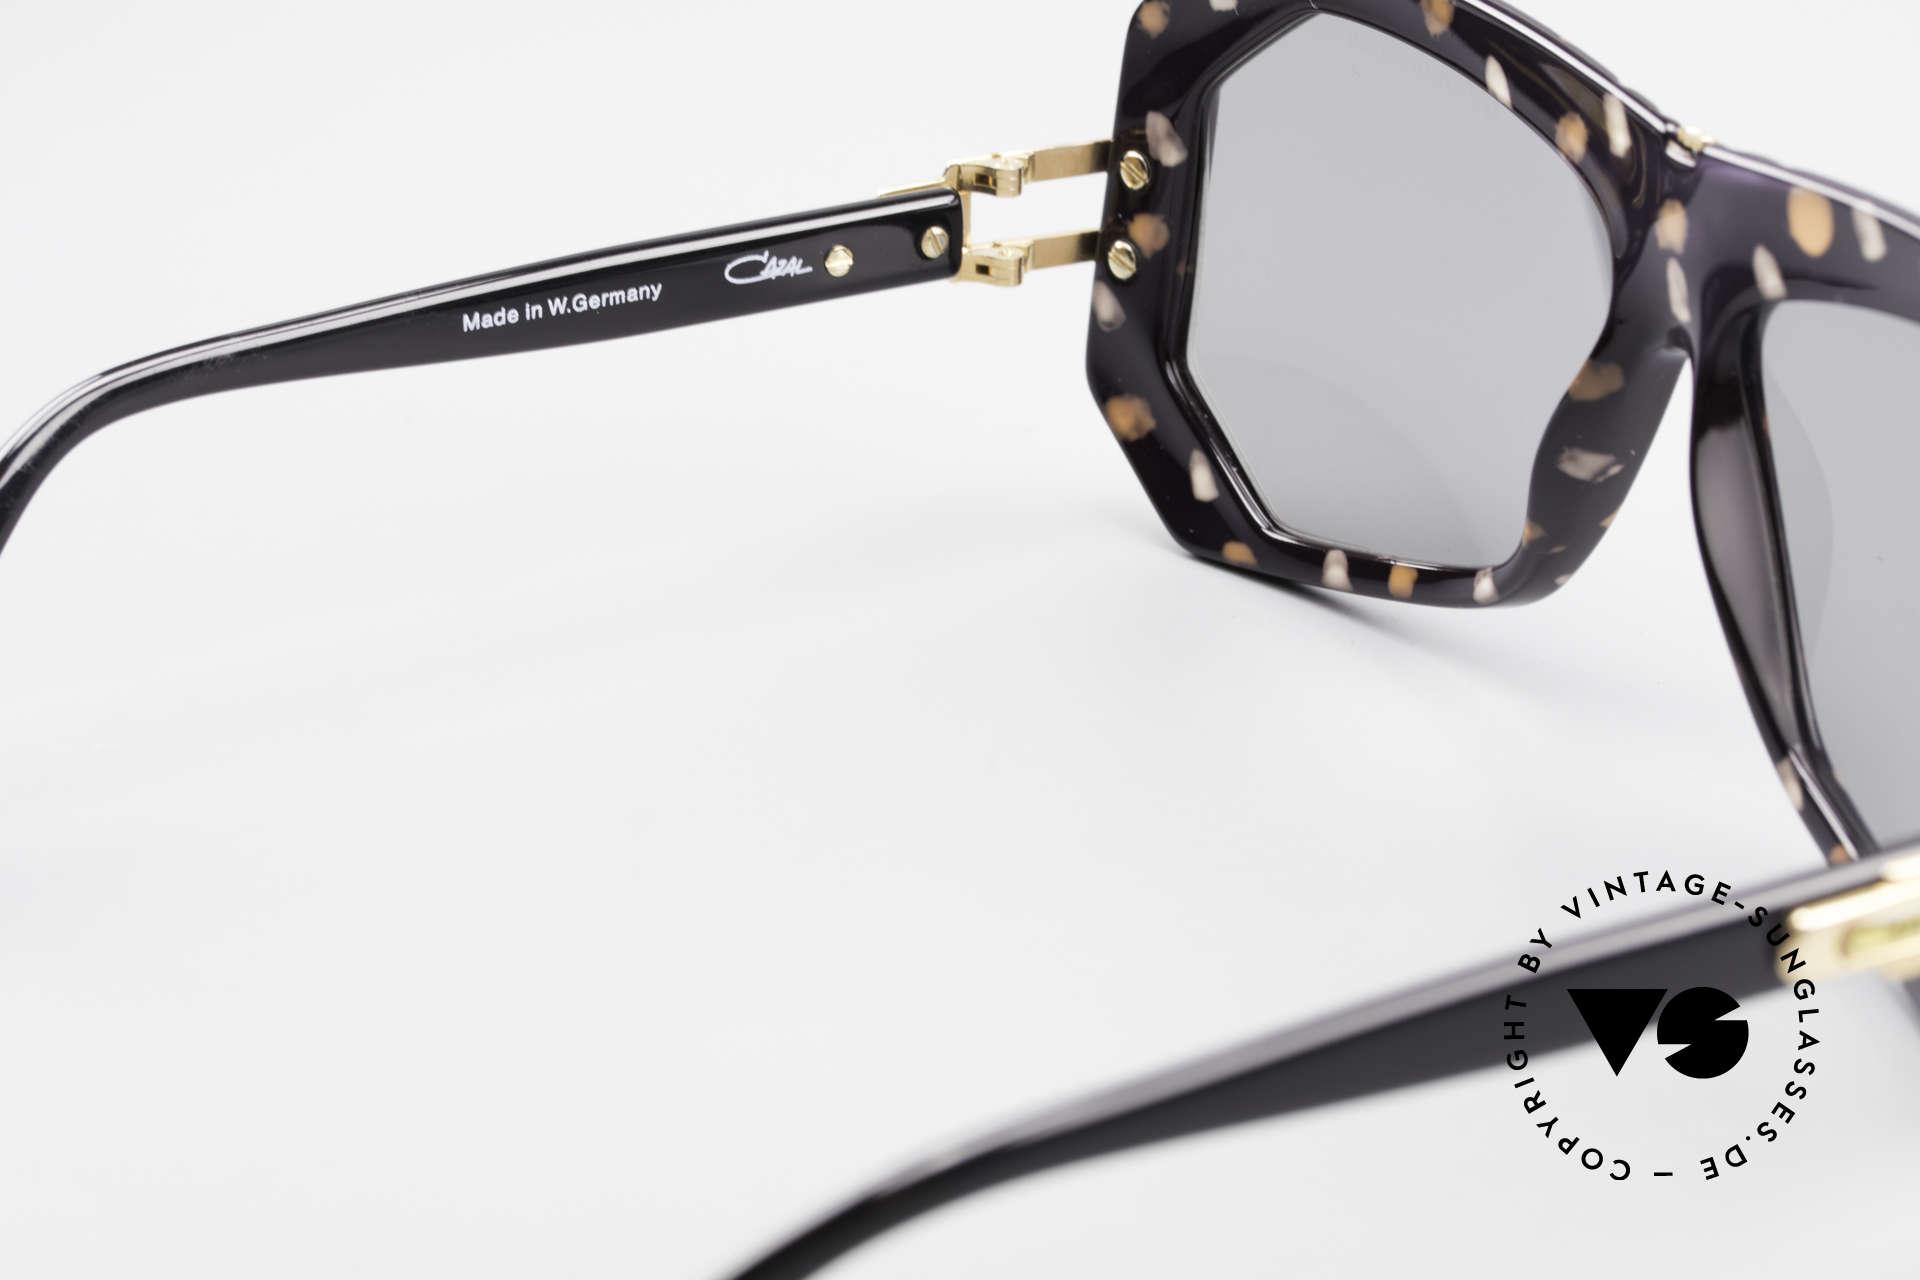 Cazal 868 West Germany Designerbrille, KEINE Retromode; ein uniques 'W.Germany'-Original!!, Passend für Herren und Damen